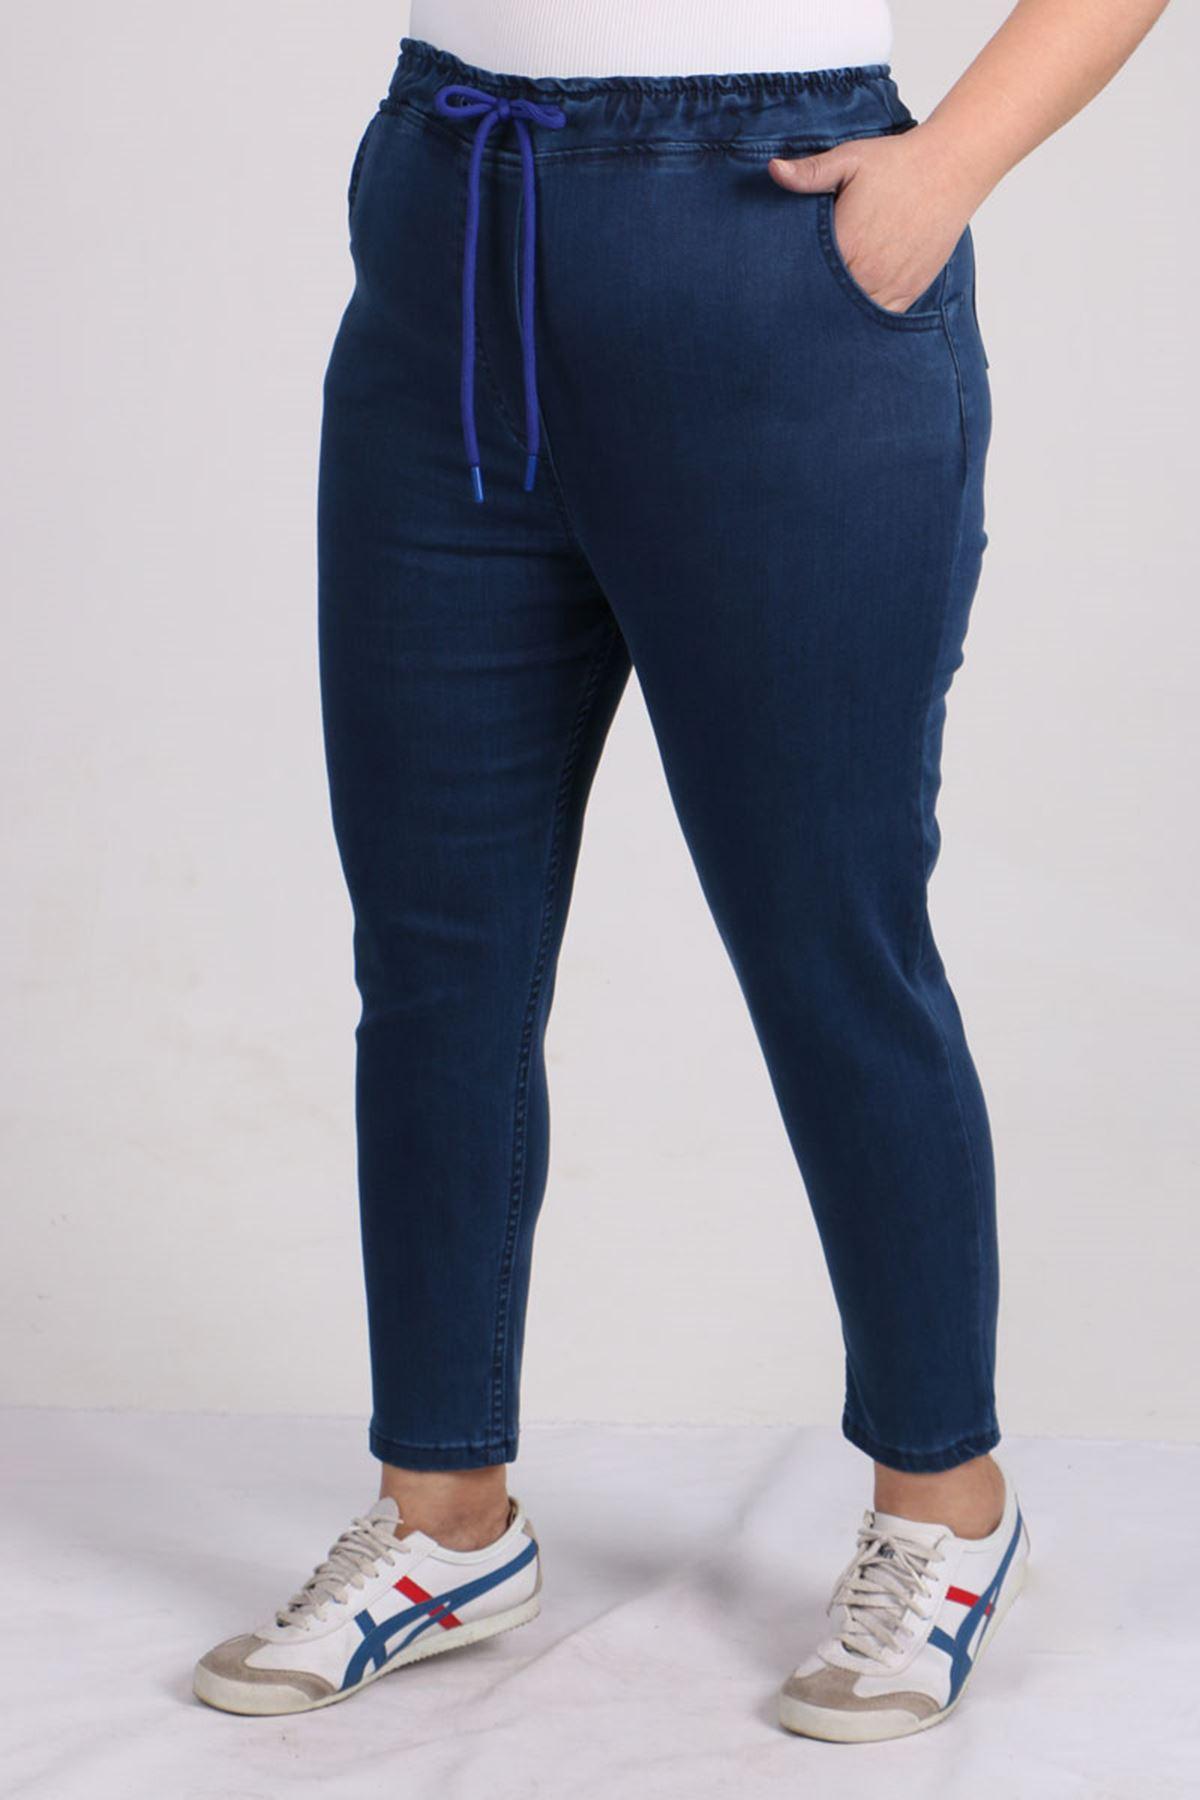 D-9136 Büyük Beden Defolu Beli Lastikli Mom Jeans Pantolon Koyu Mavi - Saks